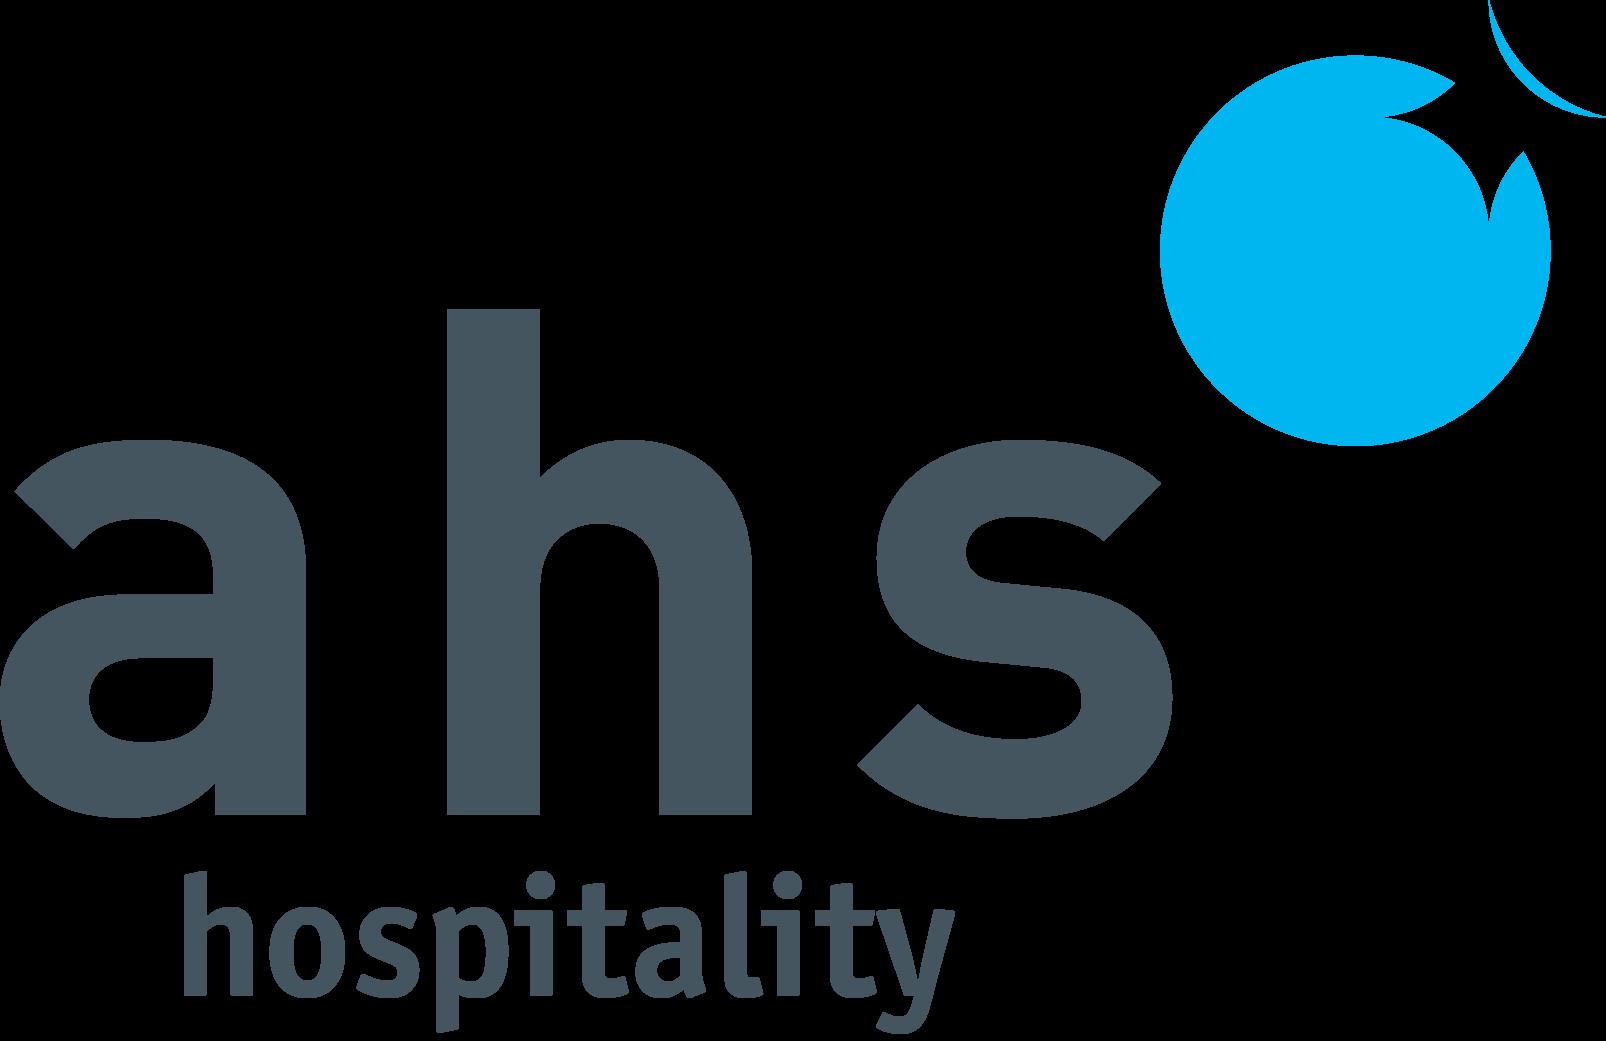 ahs hospitality